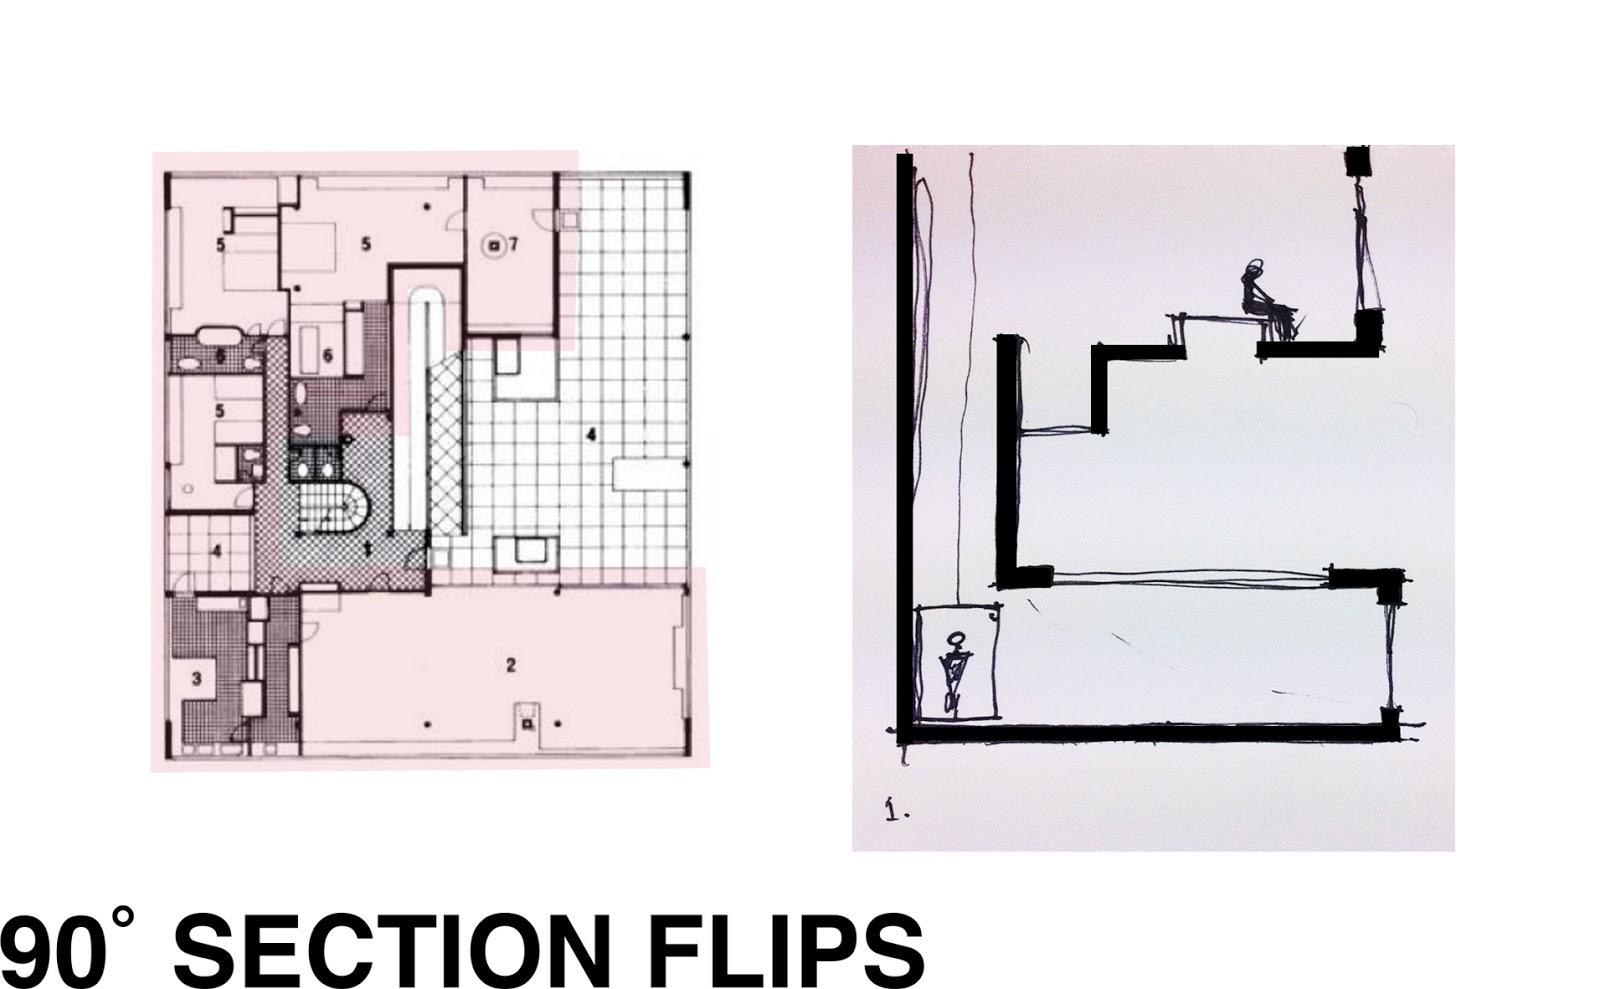 Section Flips of the Villa SavoyeVilla Savoye Section